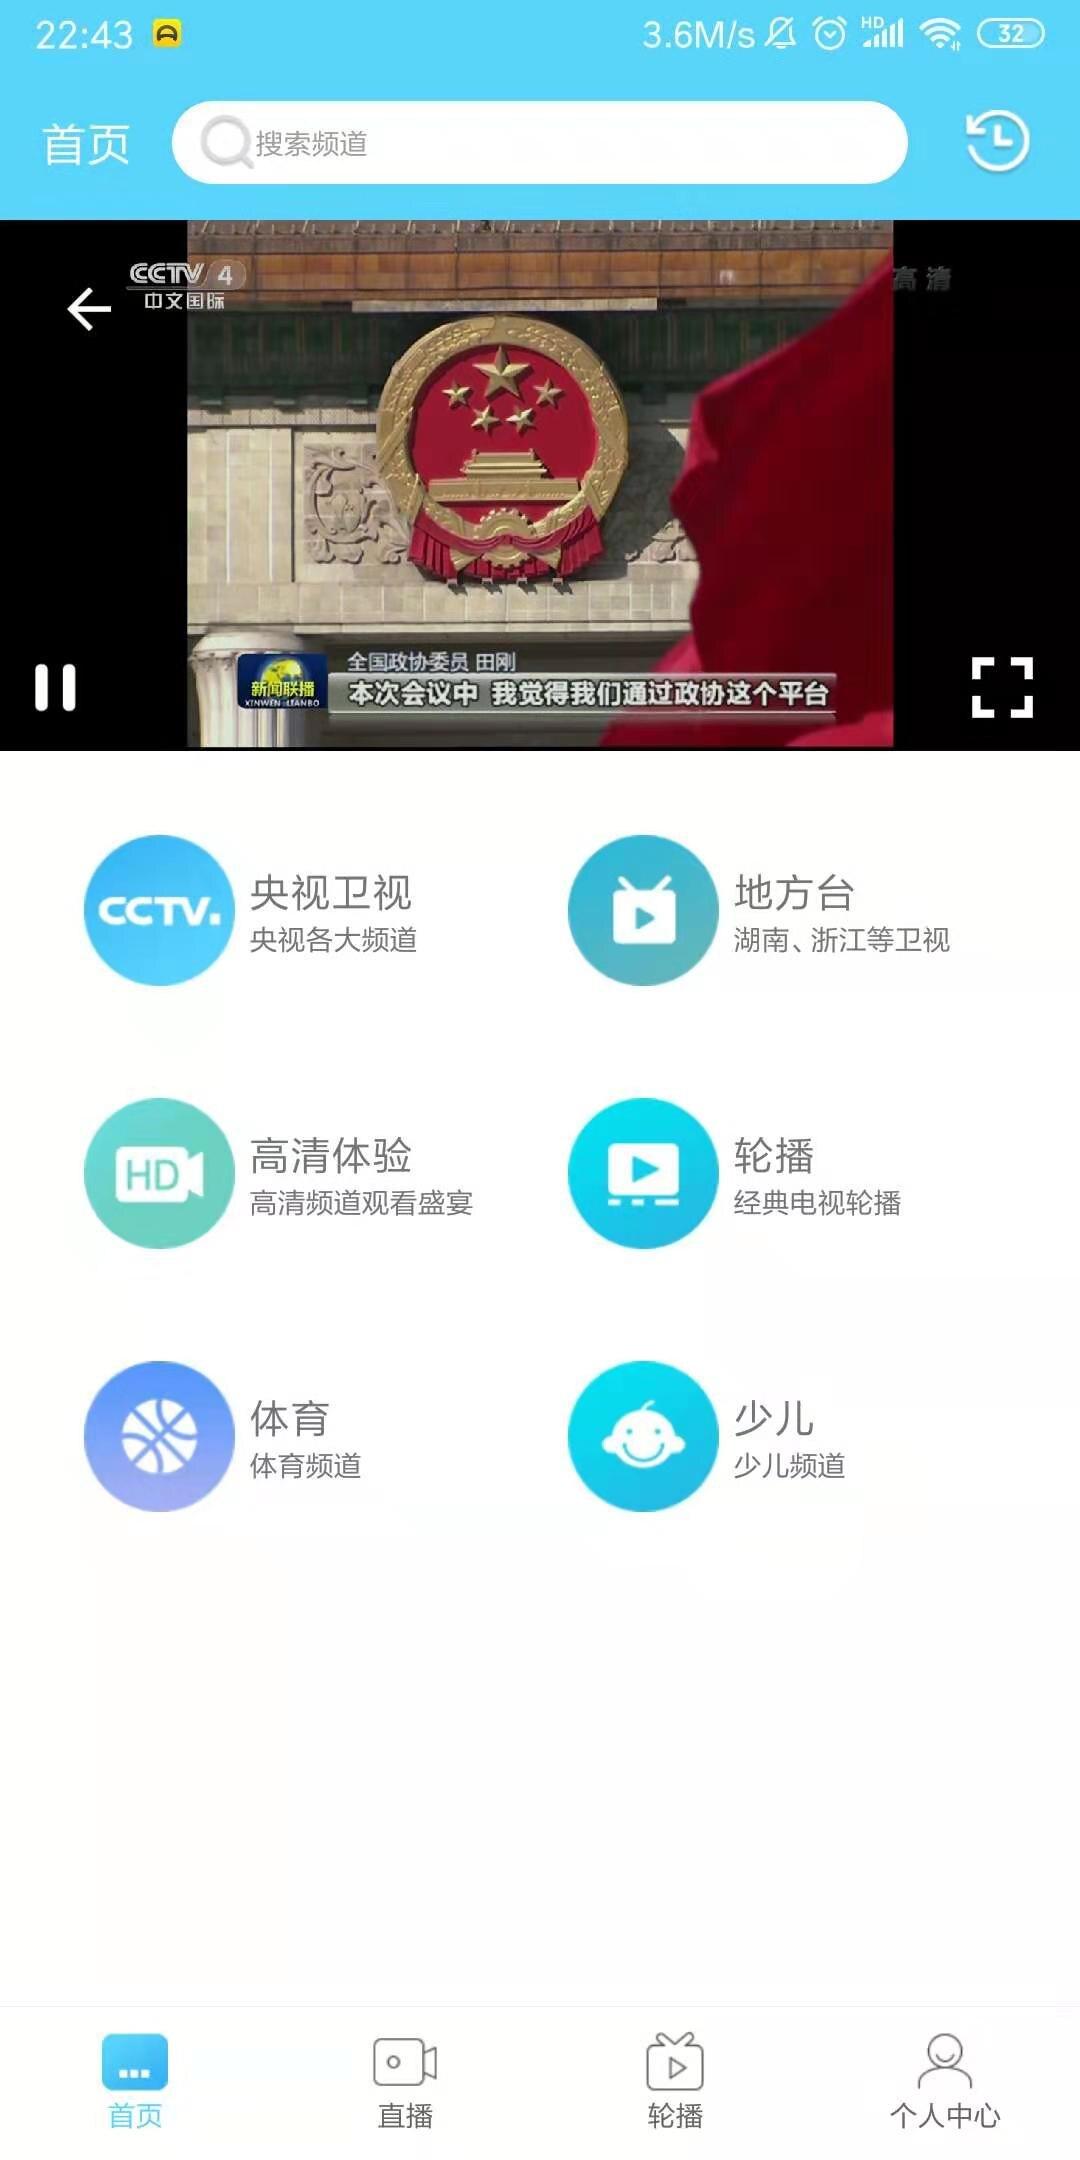 高清电视直播APP-口袋电视 v1.2